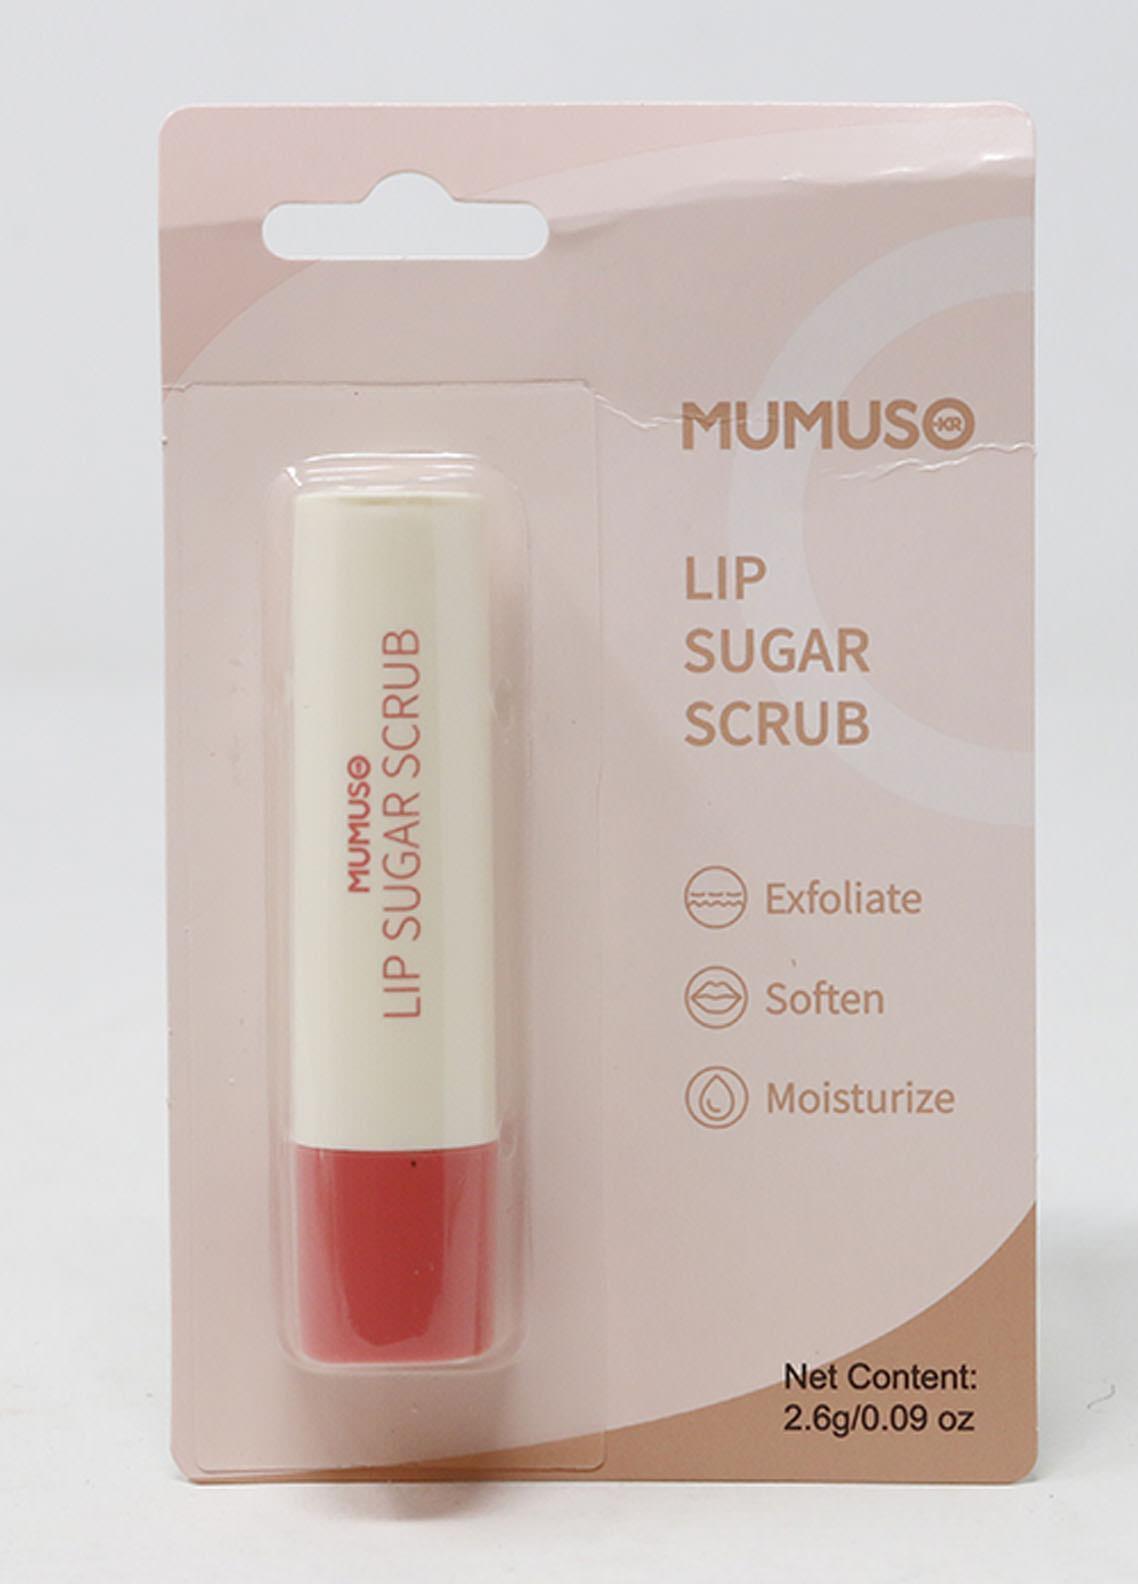 Mumuso Lip Sugar Scrub